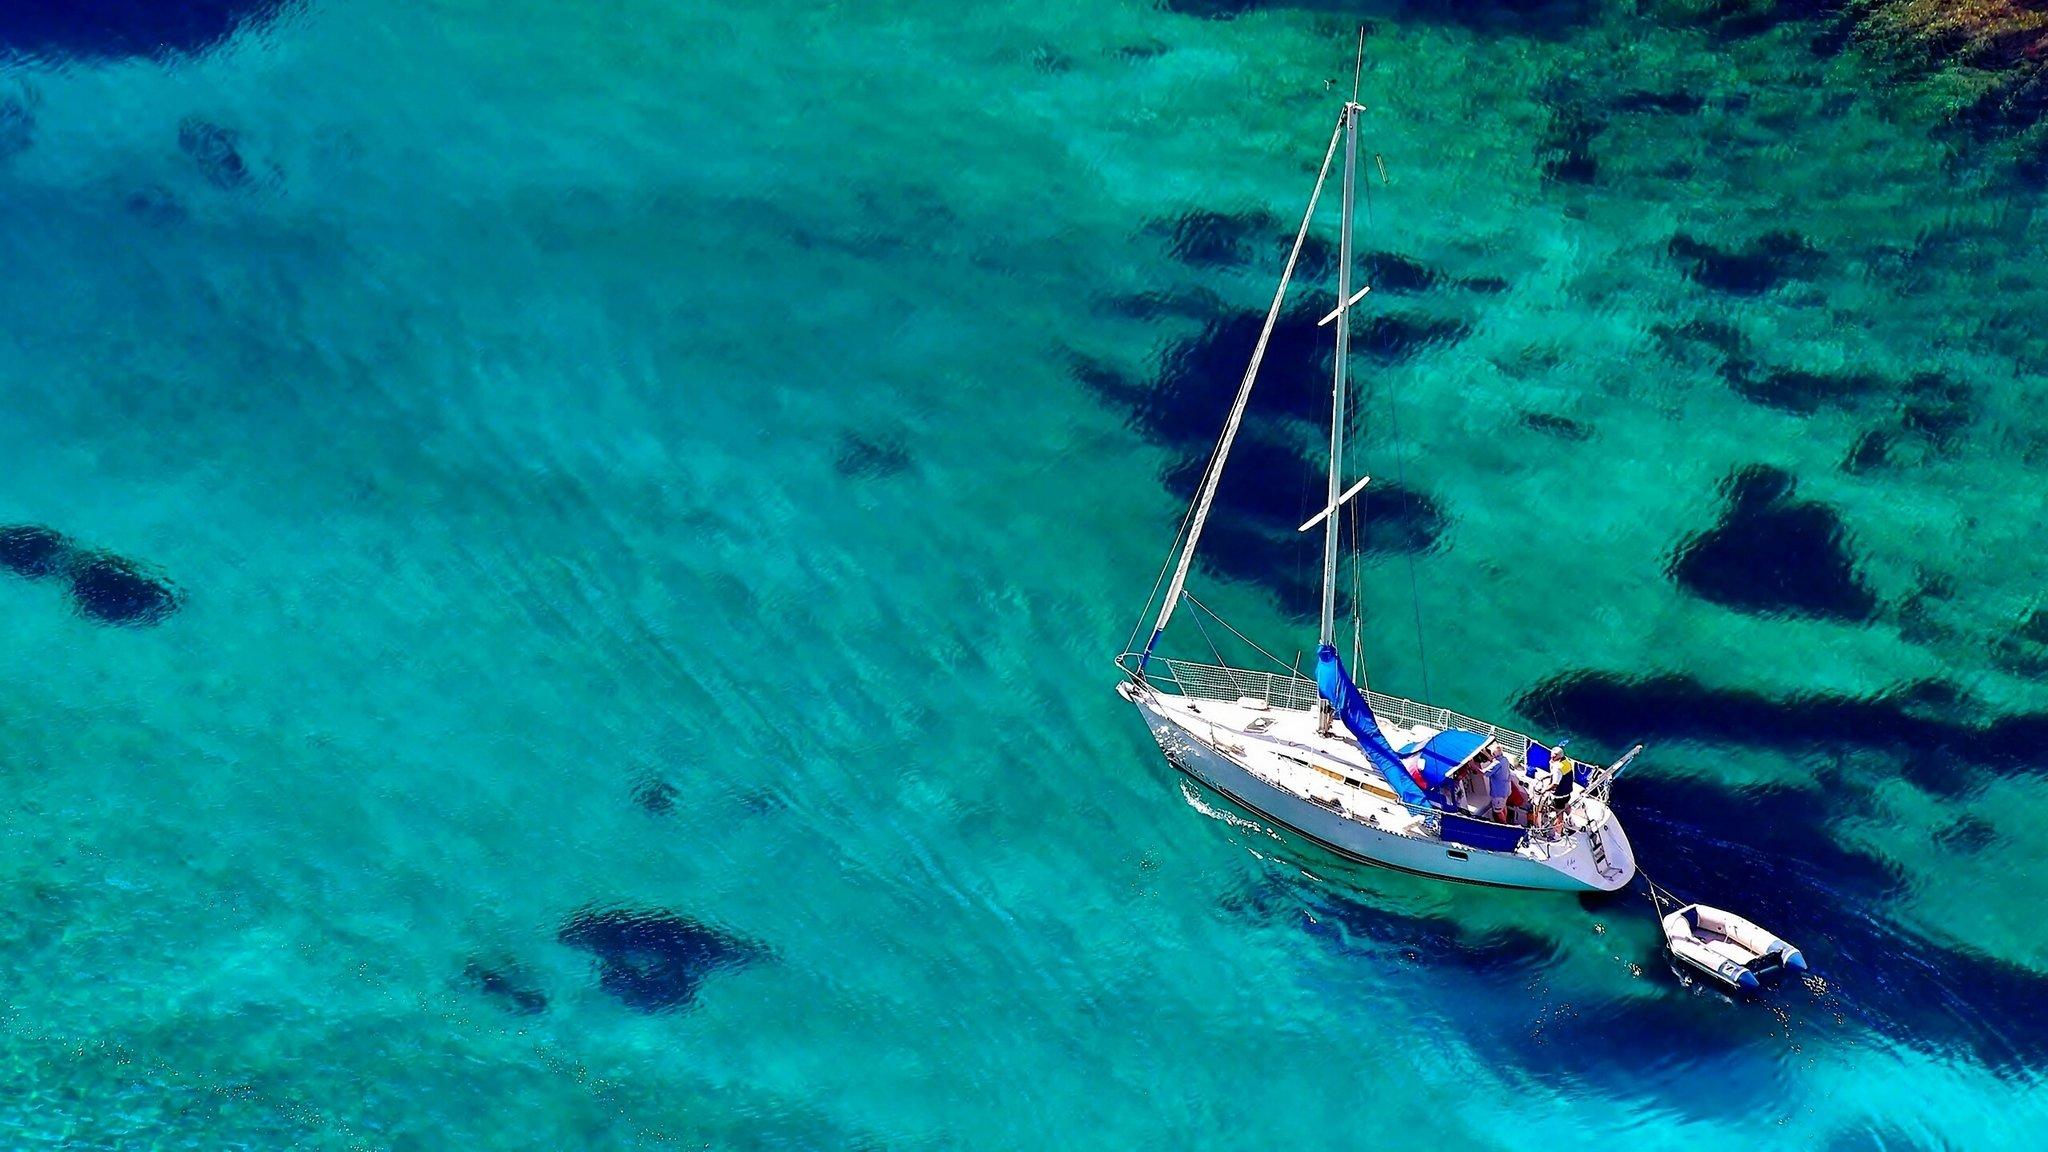 настоящим родамиром фото лодок на прозрачной воде надежная конструкция